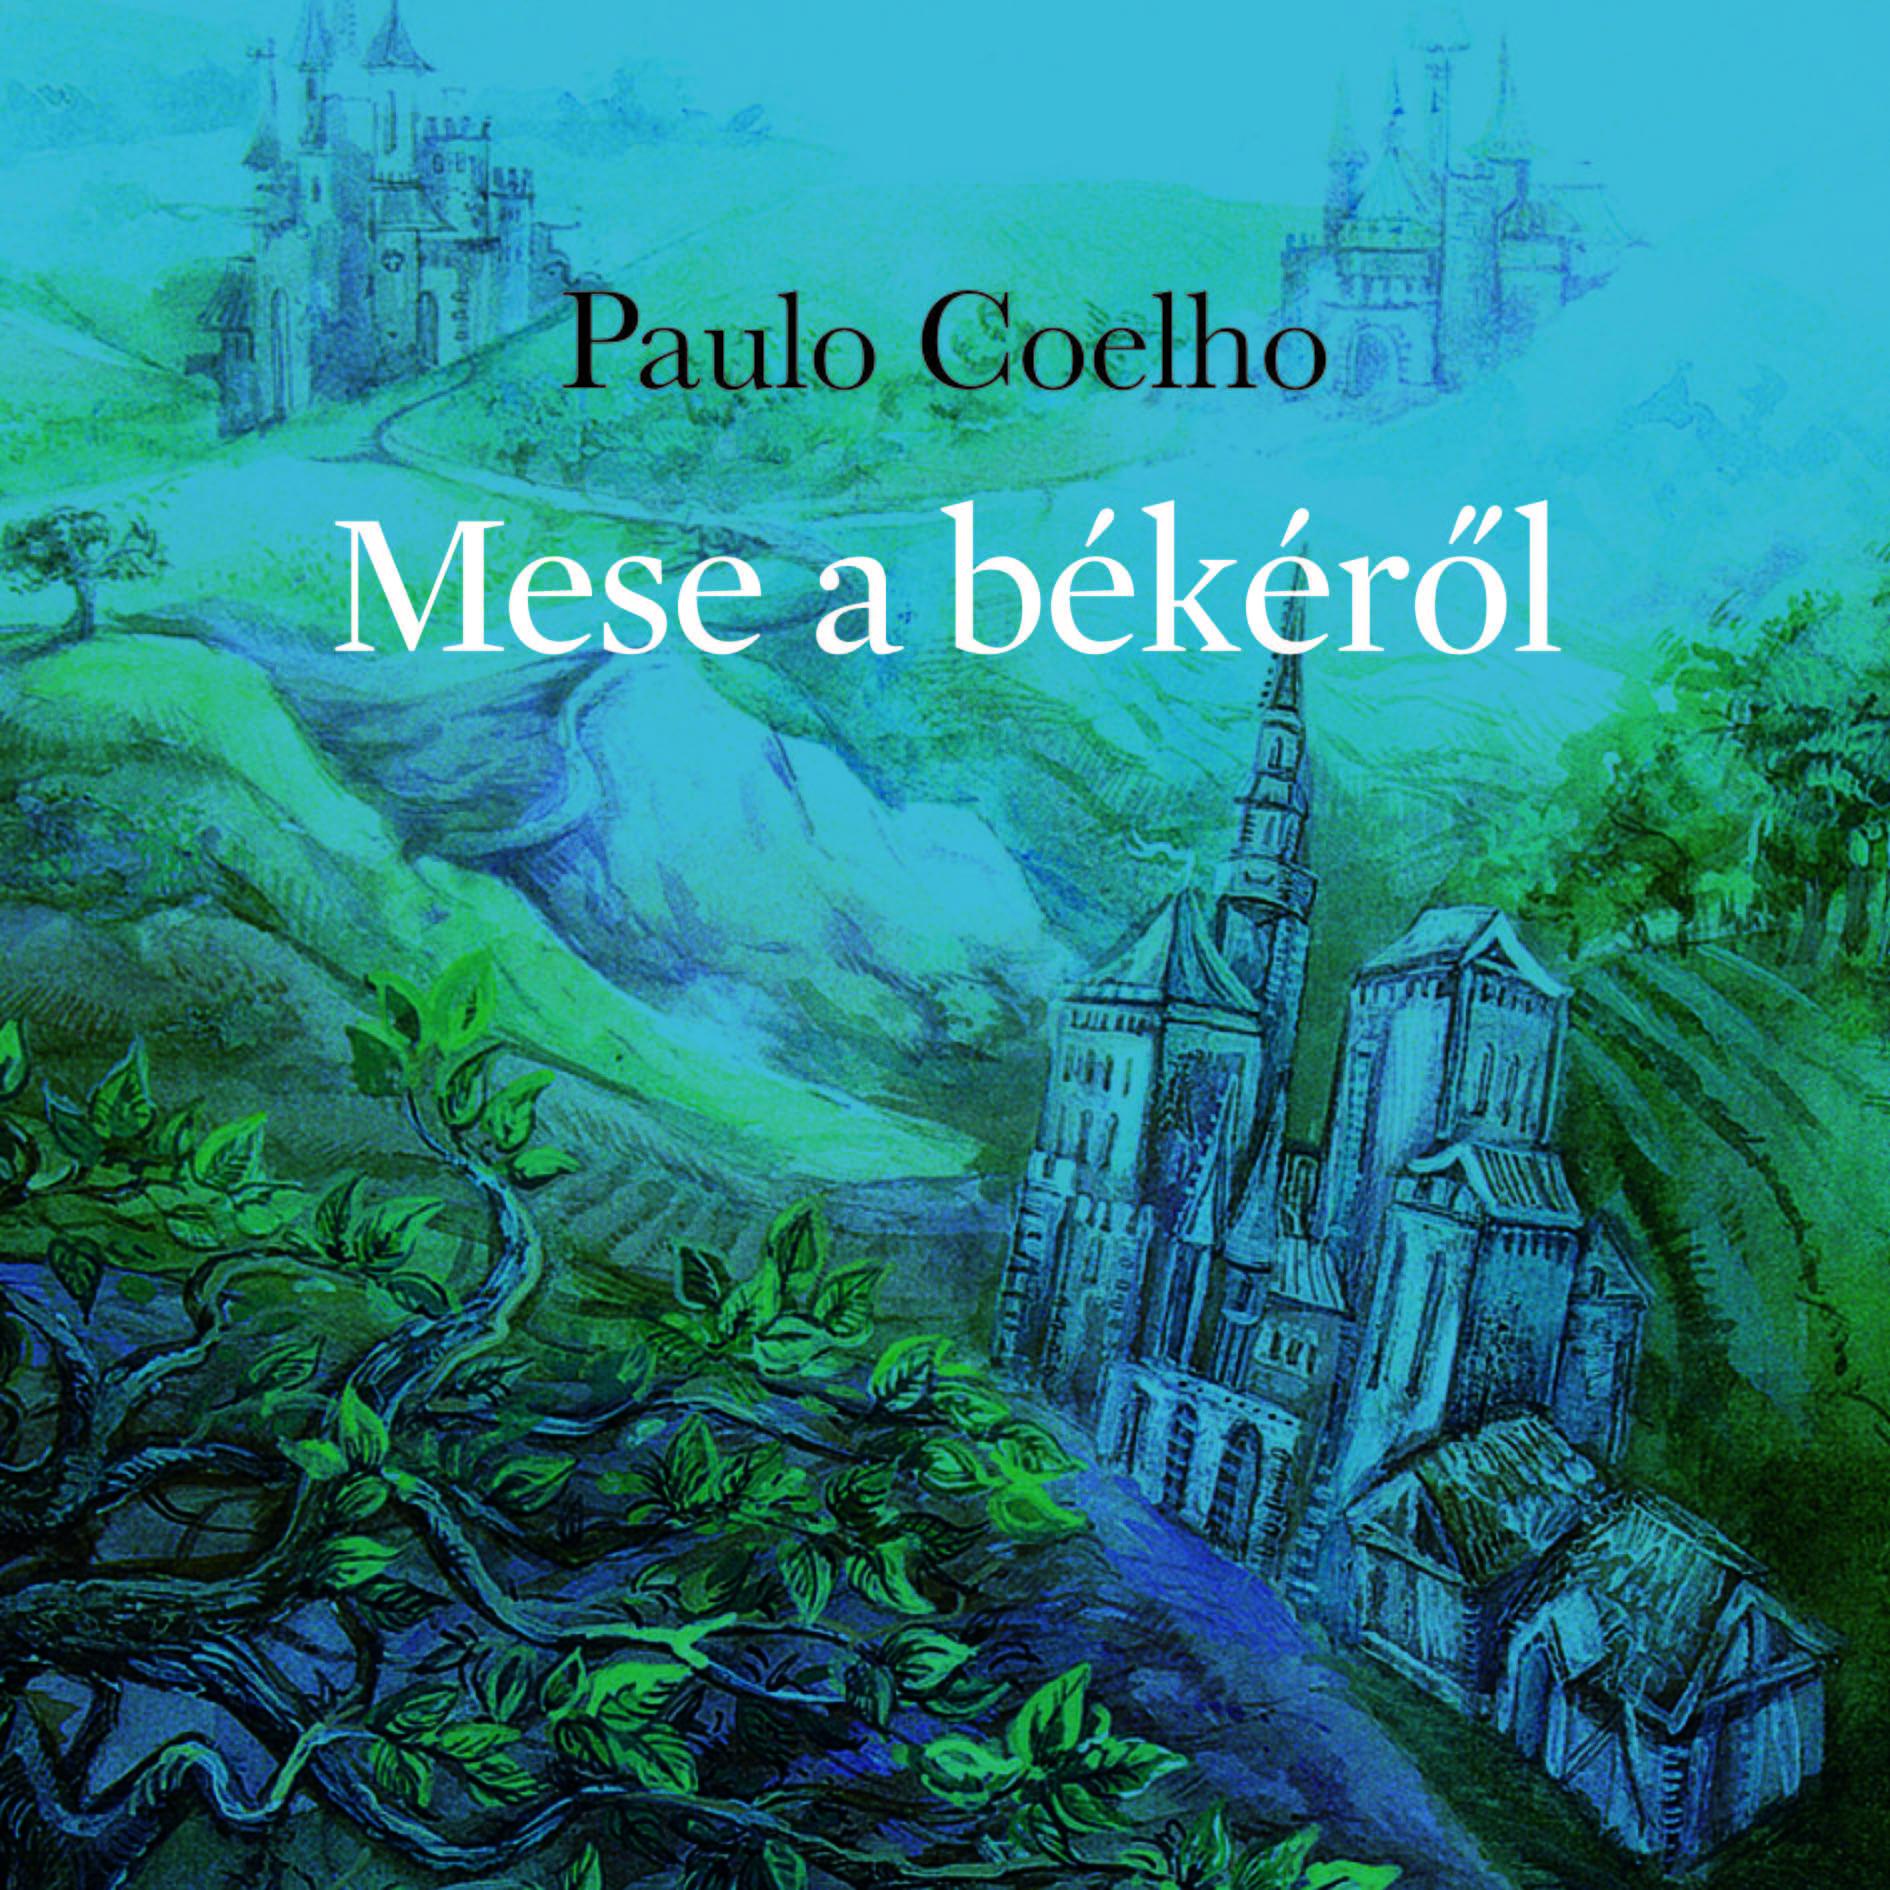 Paulo Coelho: Mese a békéről